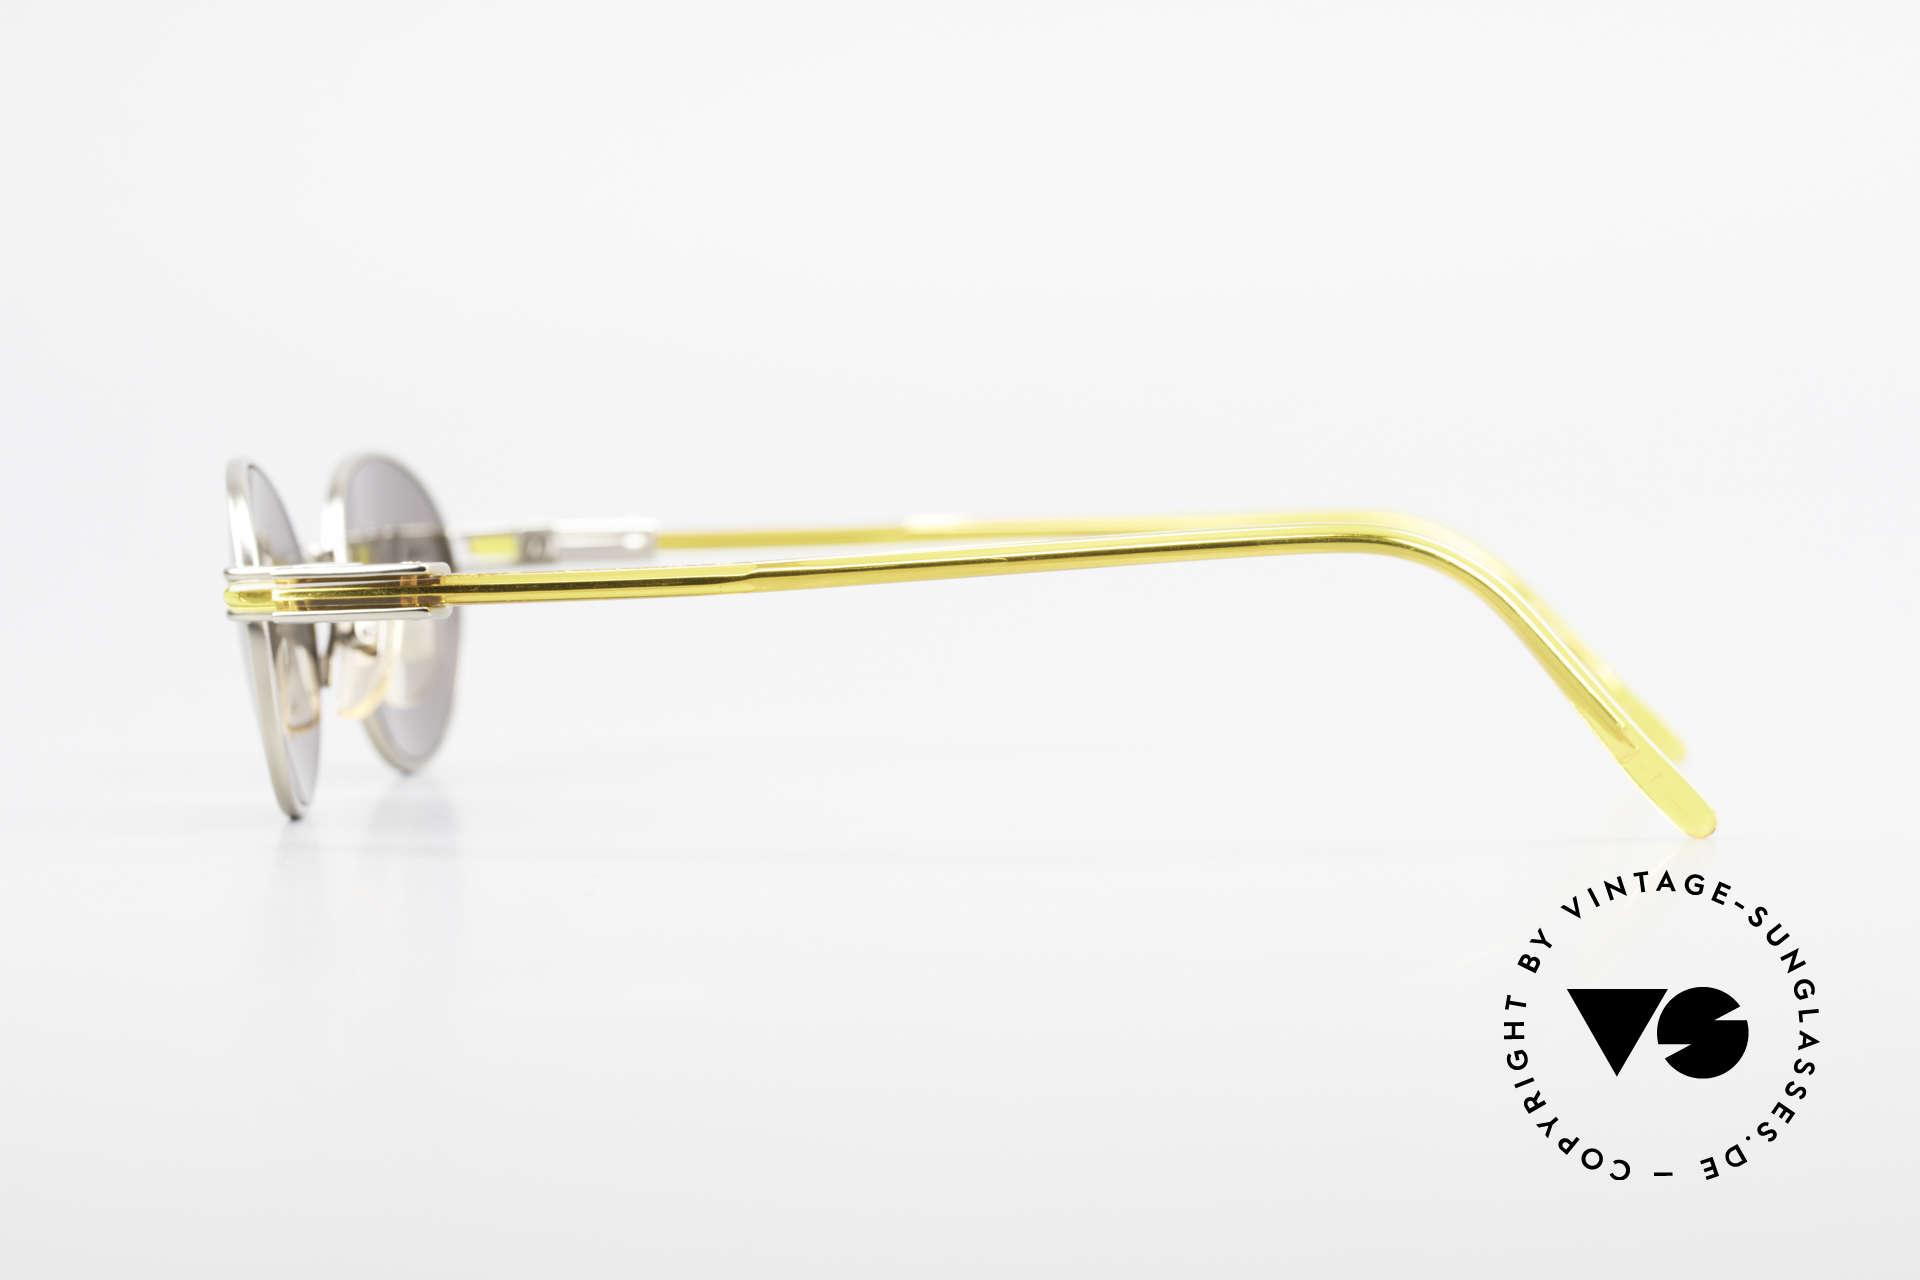 Yohji Yamamoto 52-7202 Designerbrille Oval Vintage, elegant mit raffinierten Details; eine wahre Designerbrille, Passend für Herren und Damen